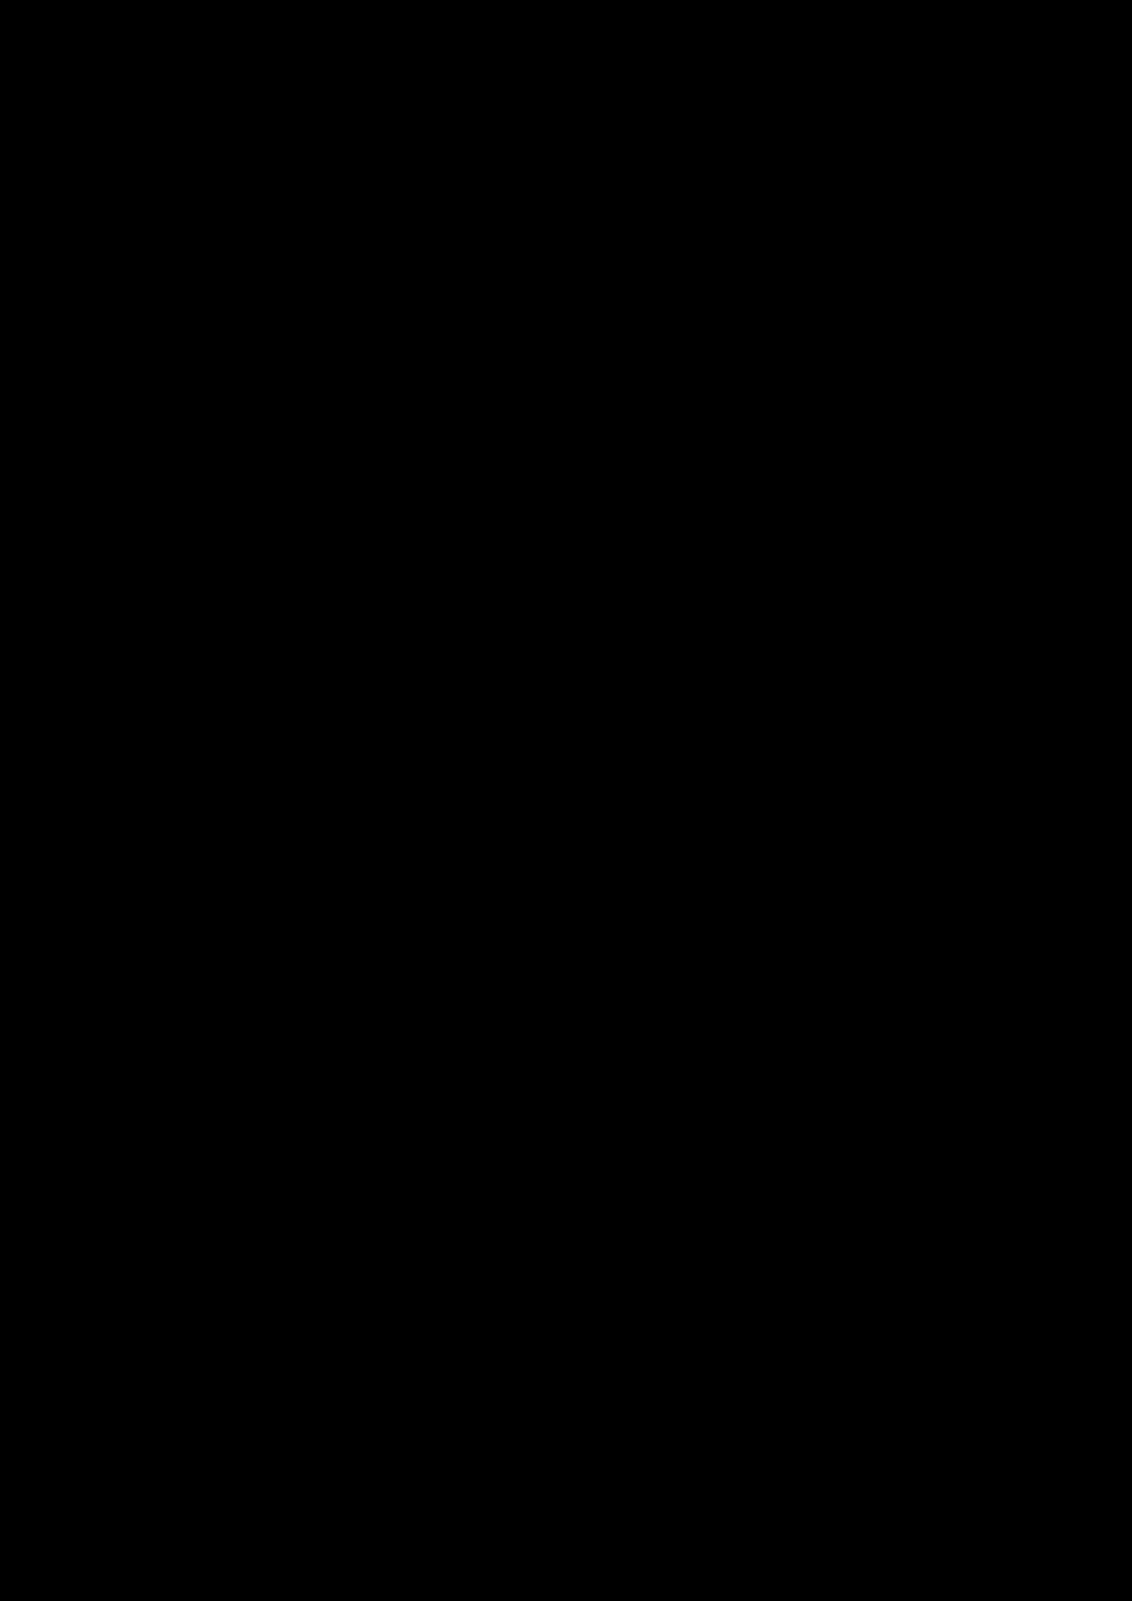 Zagadka volshebnoy stranyi slide, Image 116